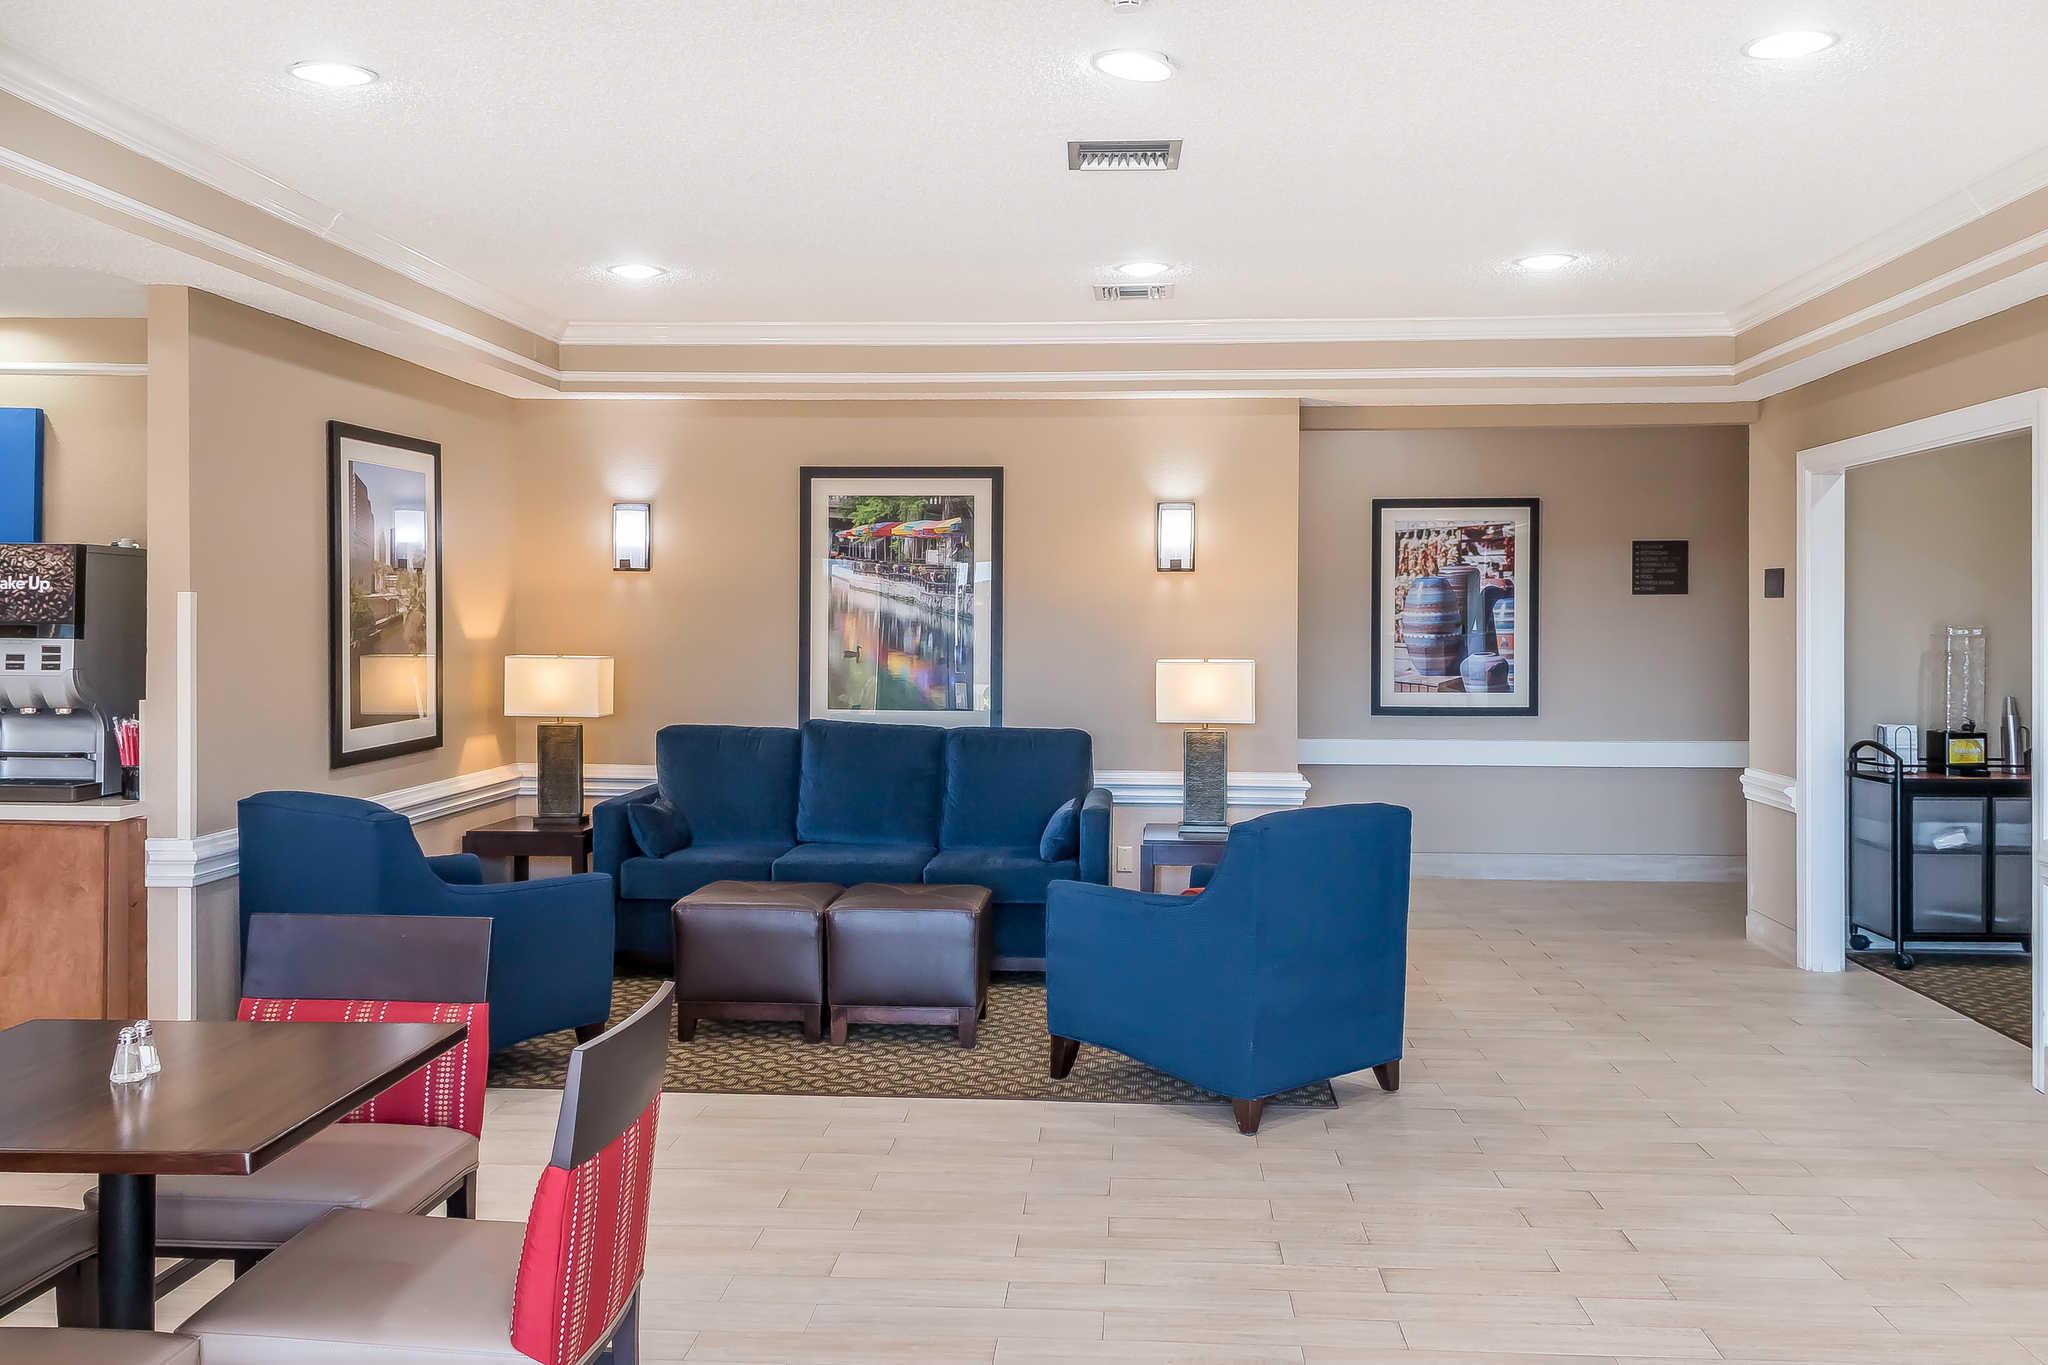 Comfort Inn I-10 EAST Near AT&T Center image 3